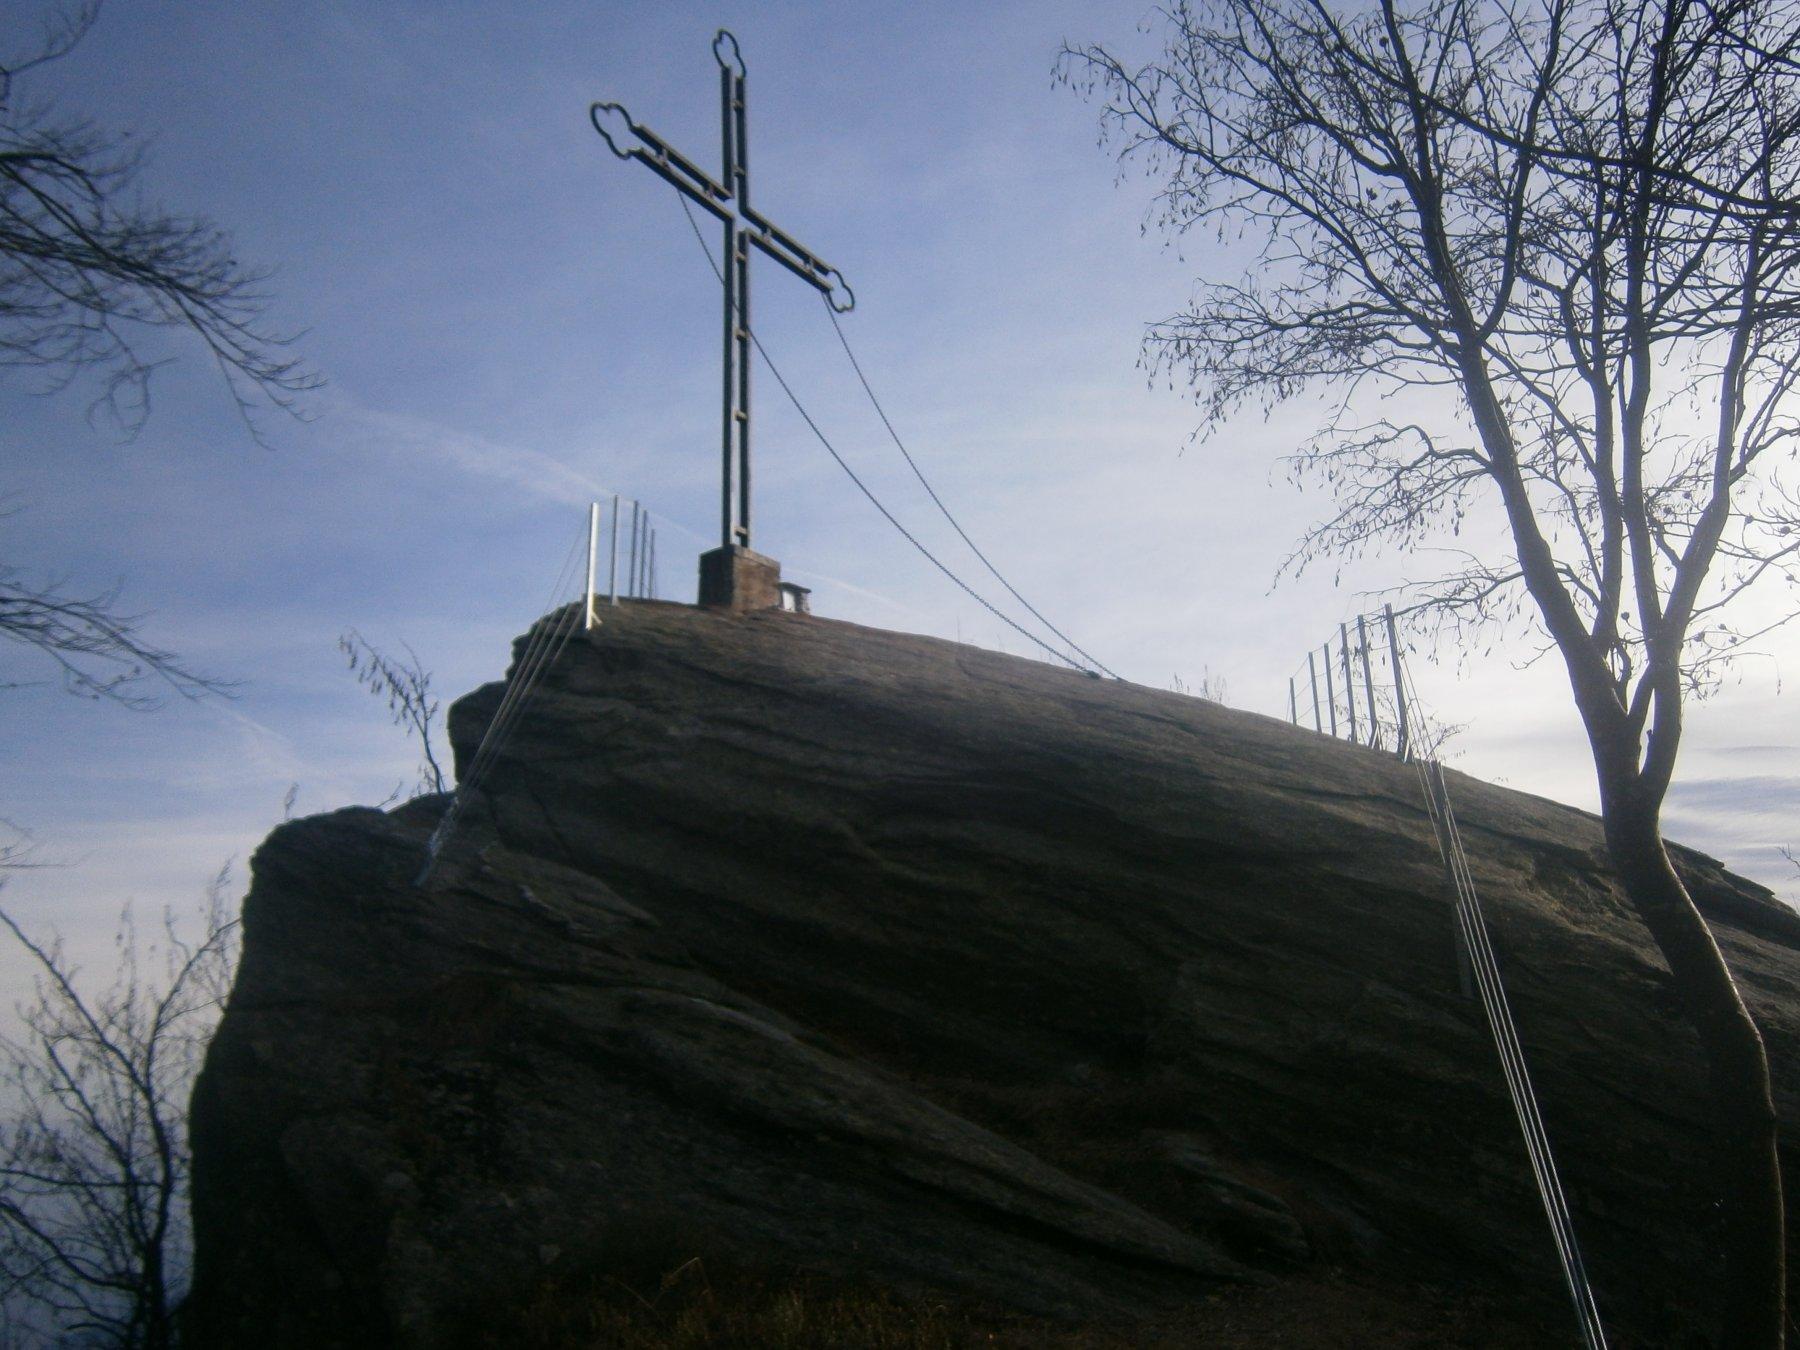 La croce di ferro